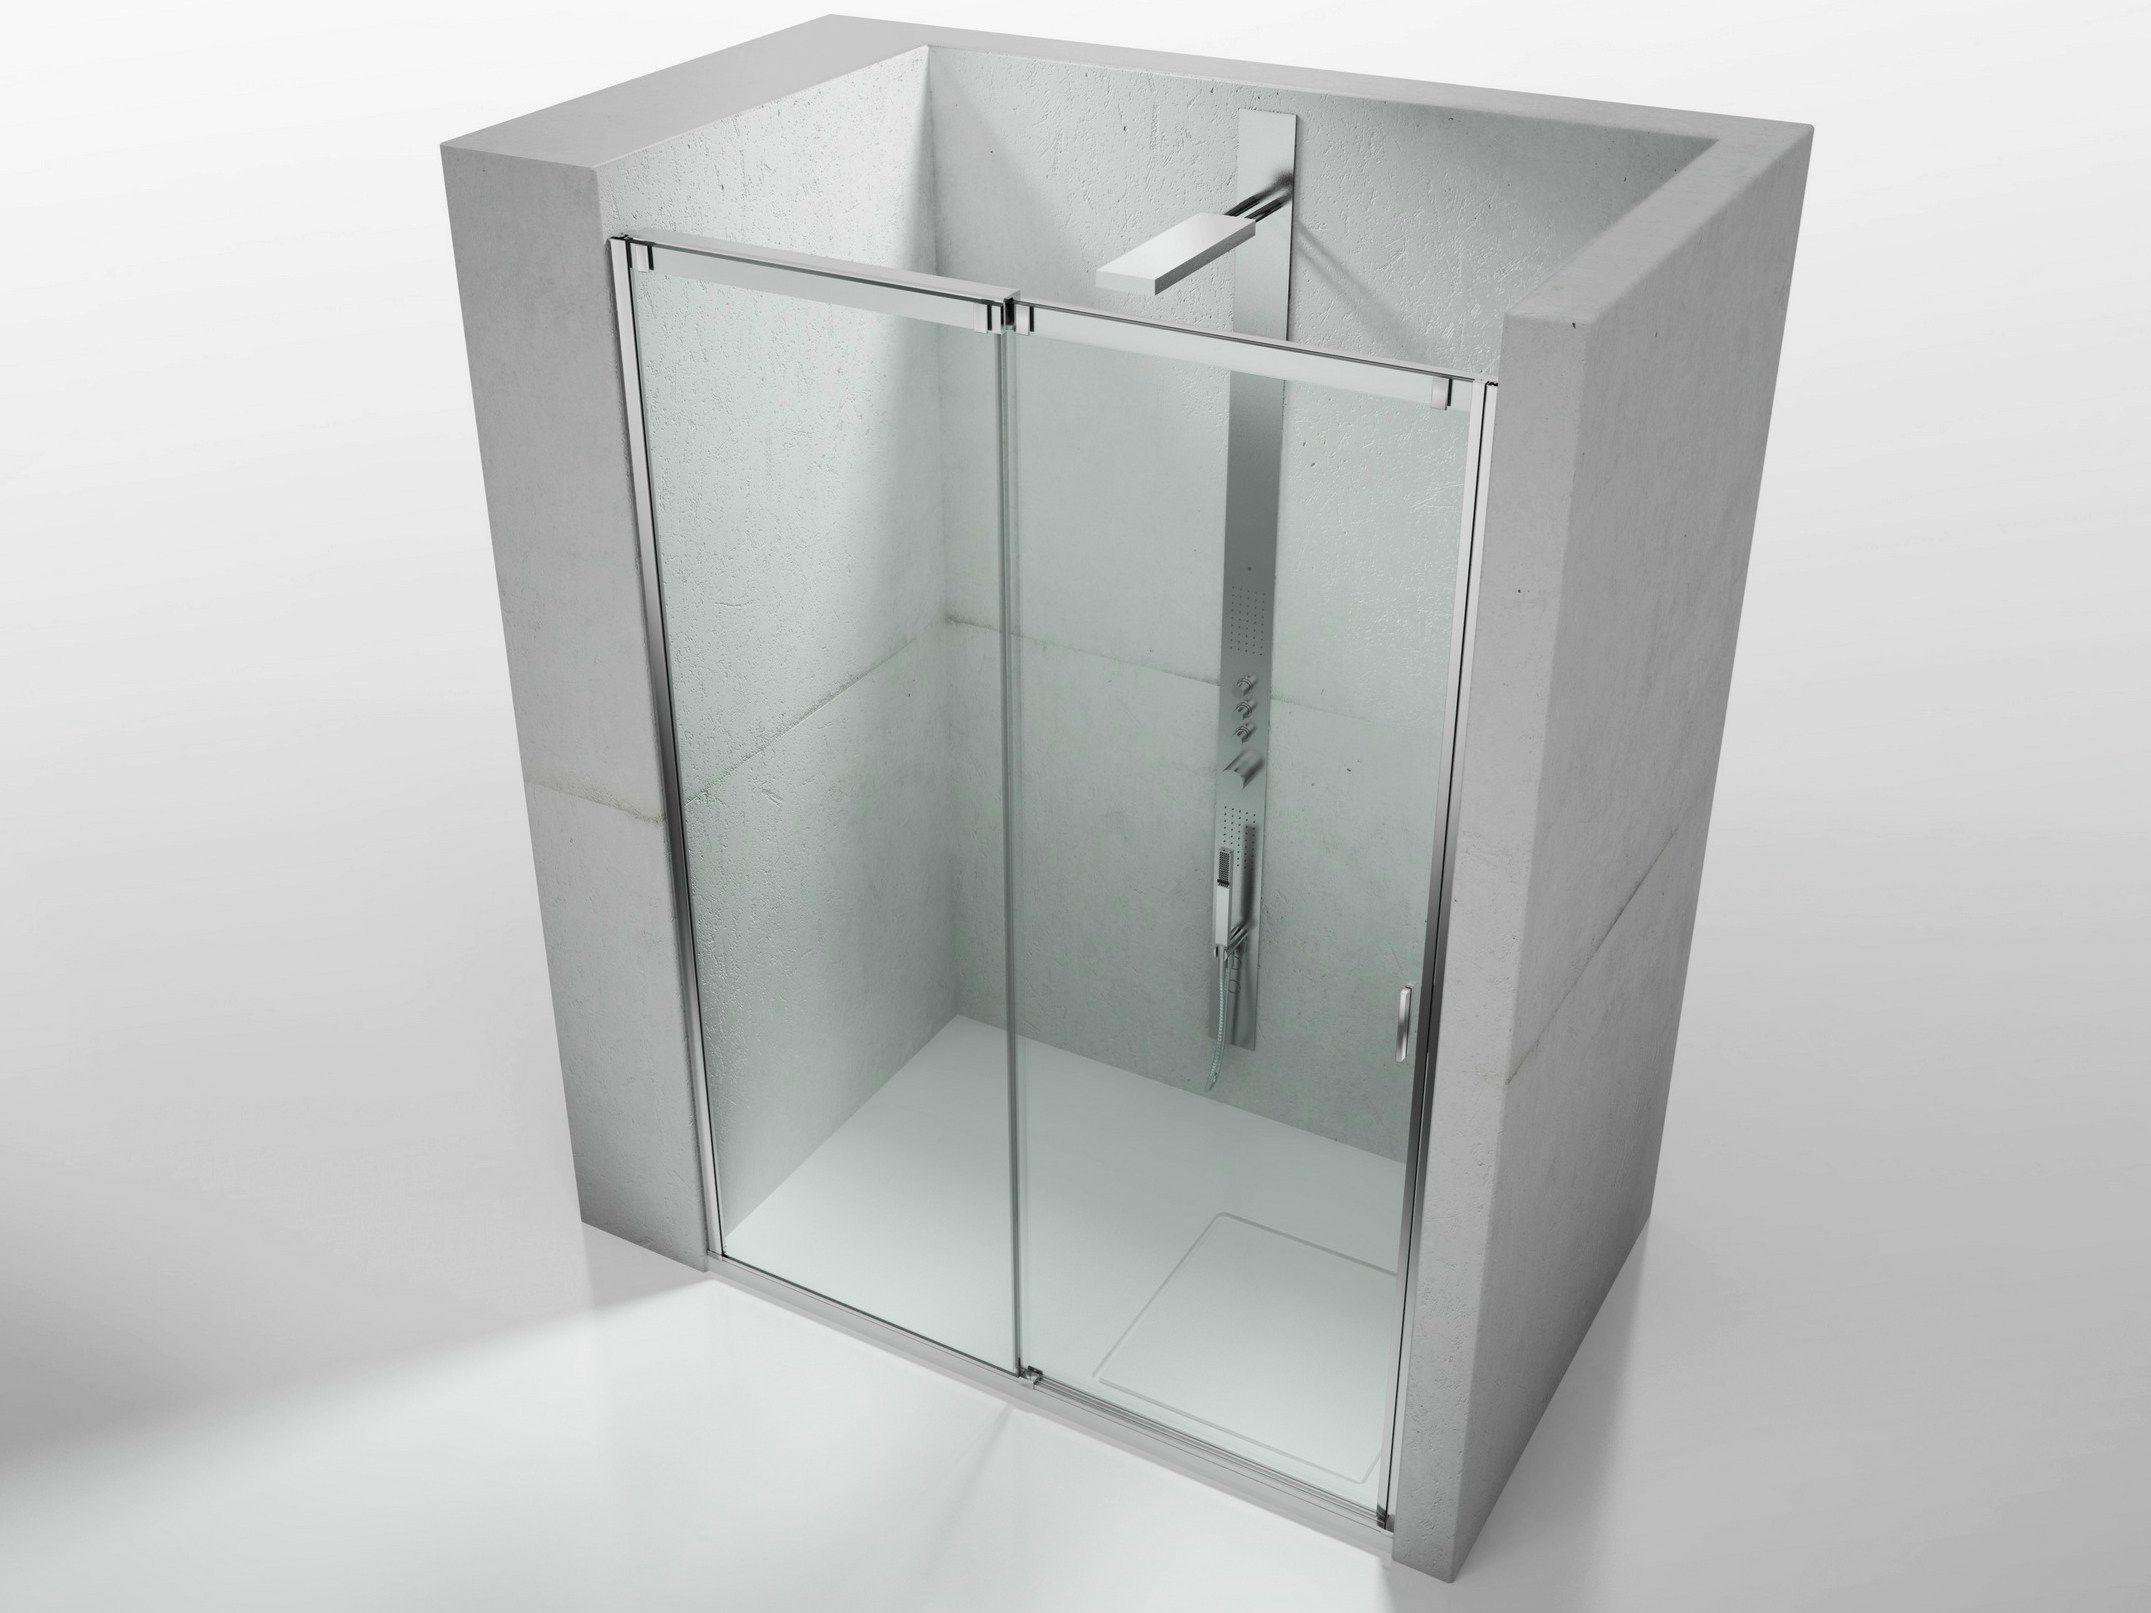 Cabina de ducha en nicho de vidrio templado con puertas - Puertas correderas de vidrio templado ...